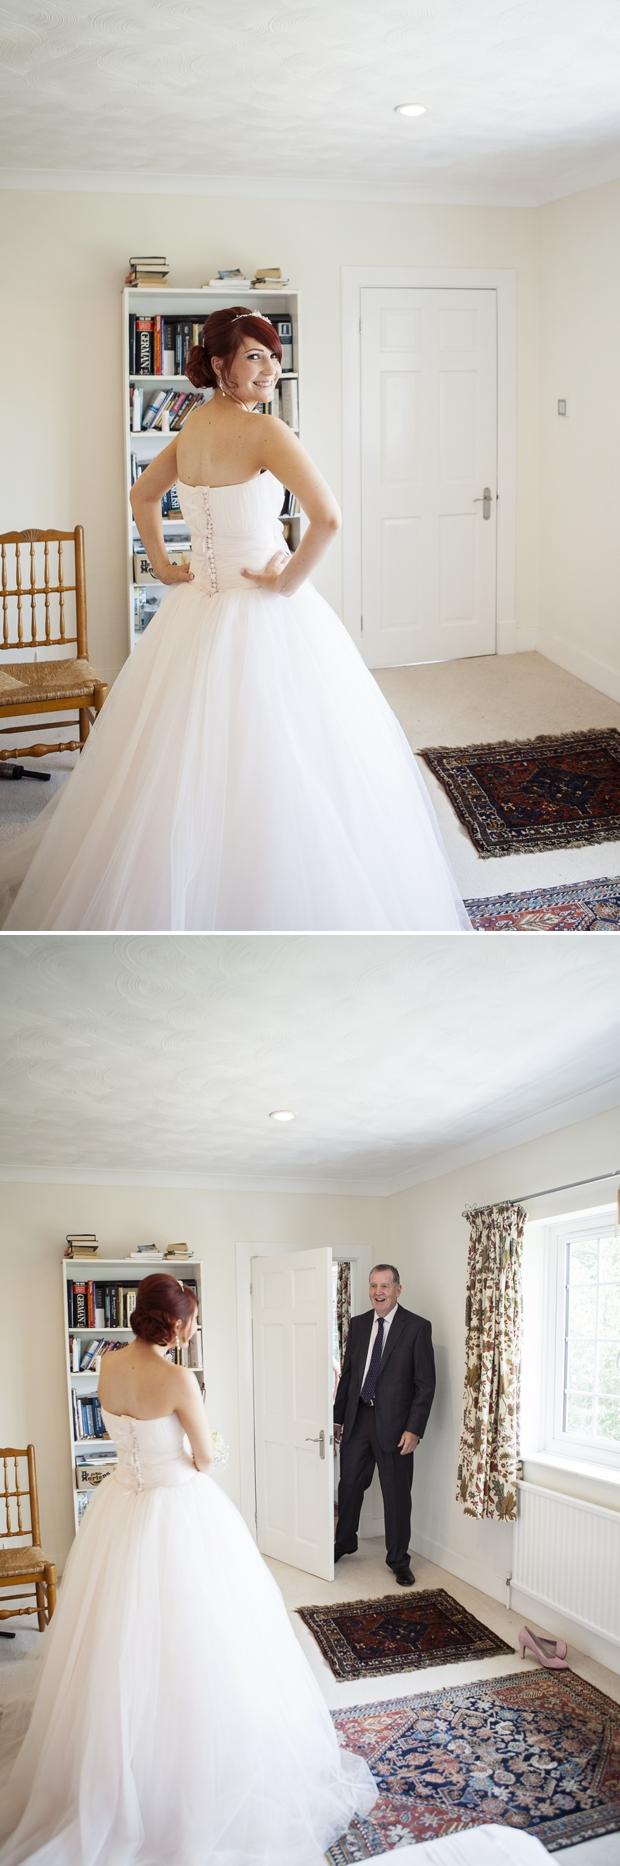 wedding-photography-cheshire-aileen-and-ian_019